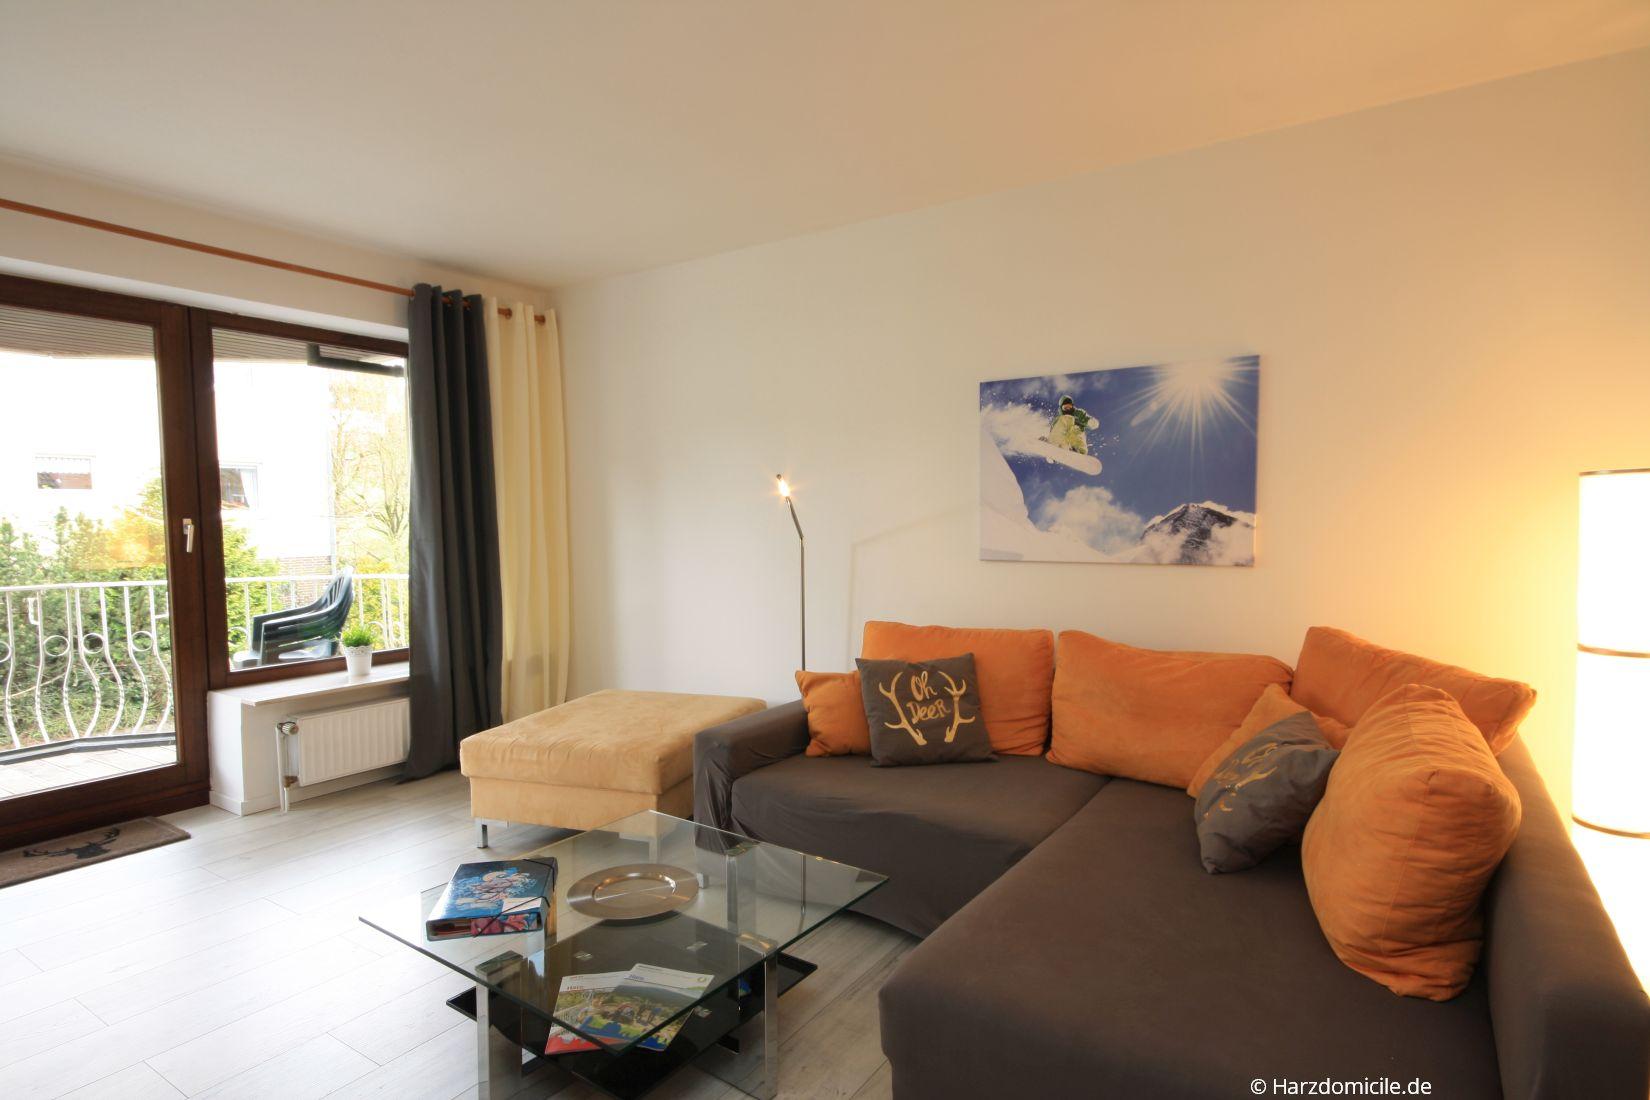 ferienwohnung am kurpark harz braunlage bei harzdomicile buchen. Black Bedroom Furniture Sets. Home Design Ideas